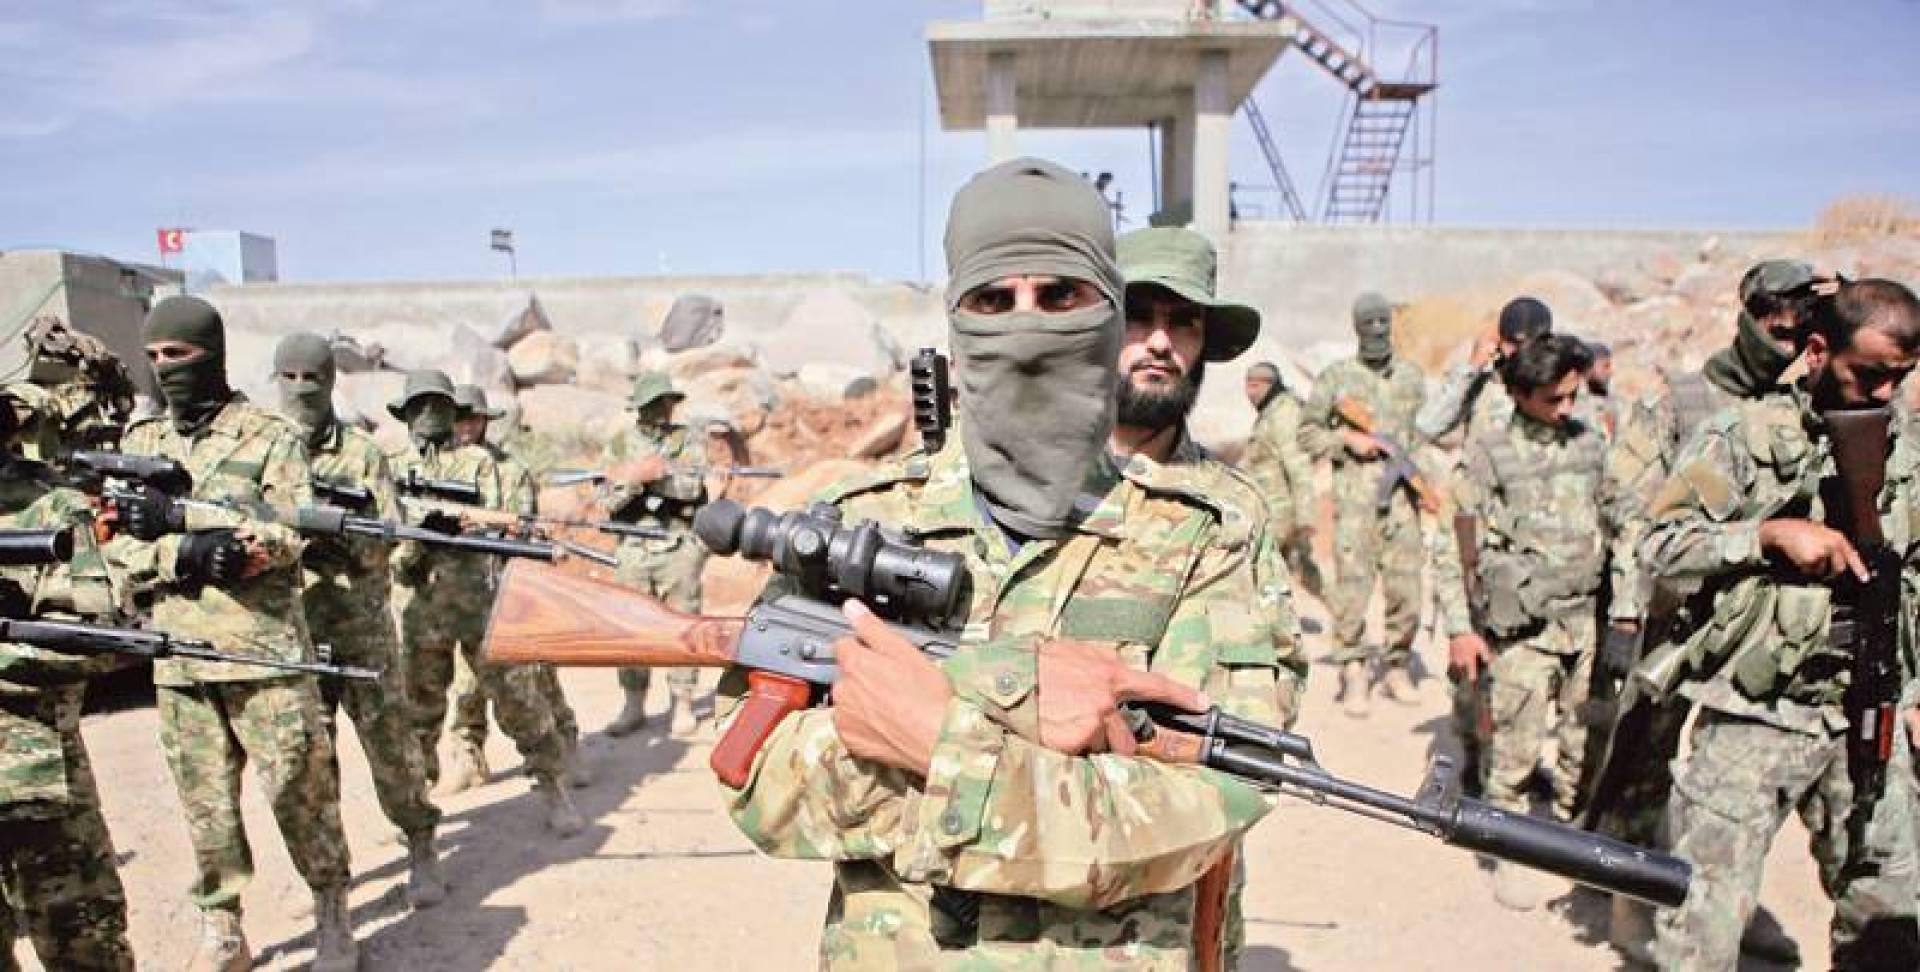 أعداد كبيرة من عناصر «الجيش الوطني السوري» إلى خطوط الجبهة مع مدينة منبج | الأناضول